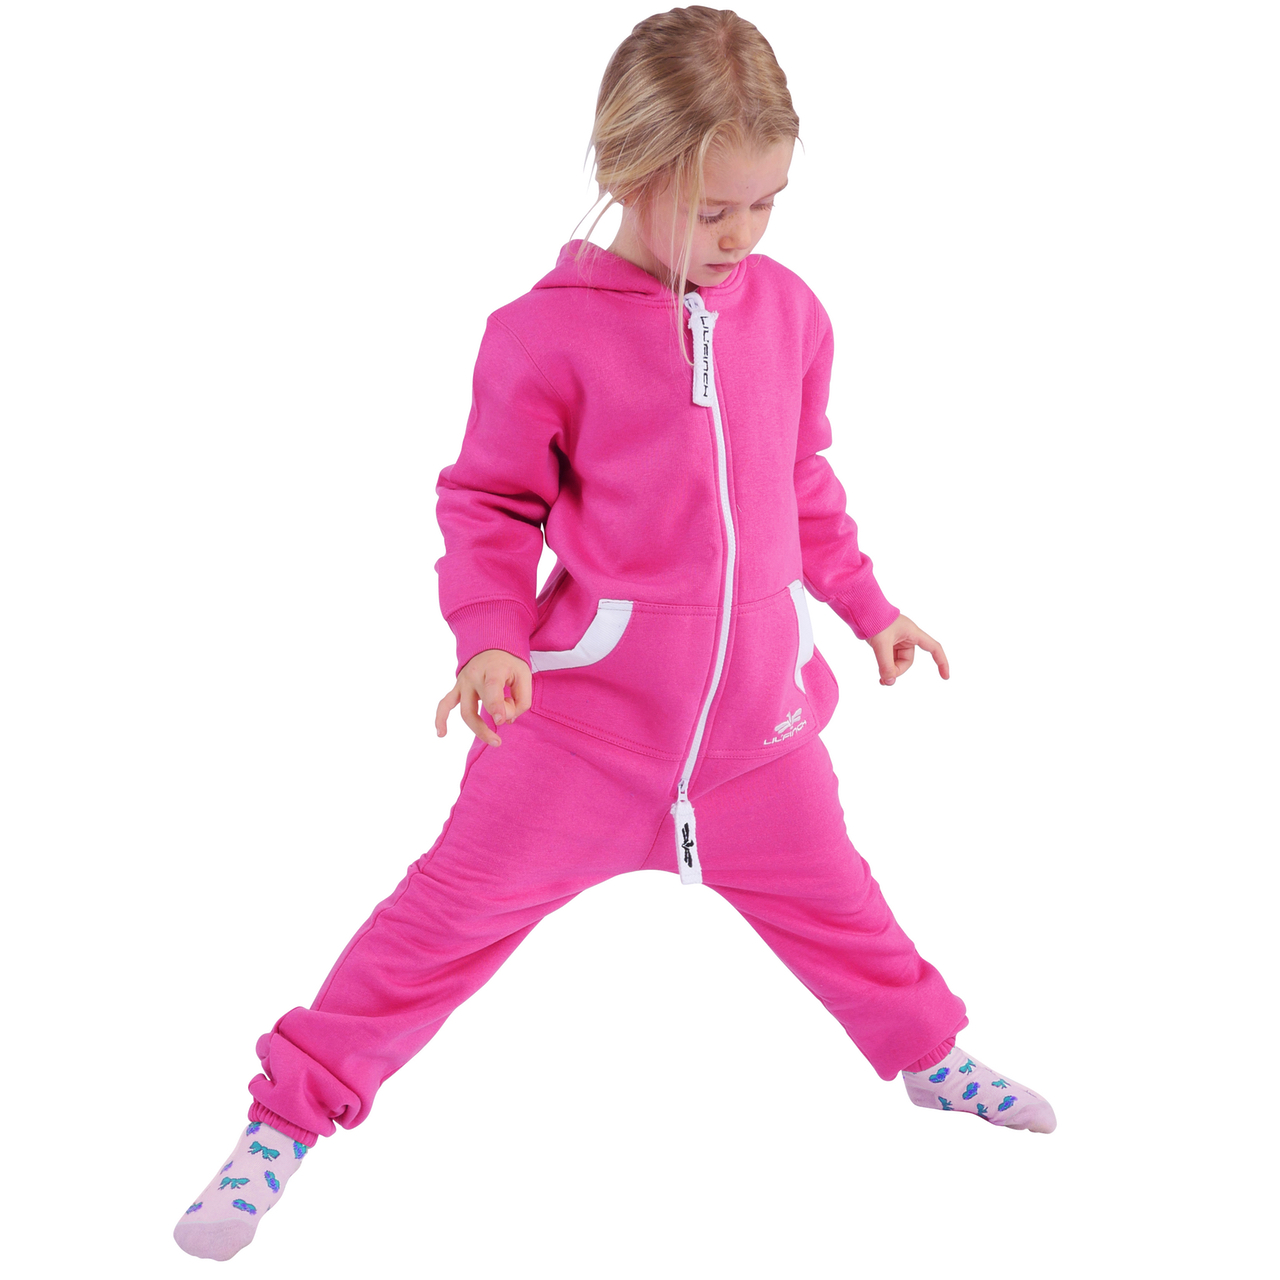 lil 39 finch kinder jumpsuit jungen m dchen overall kids. Black Bedroom Furniture Sets. Home Design Ideas